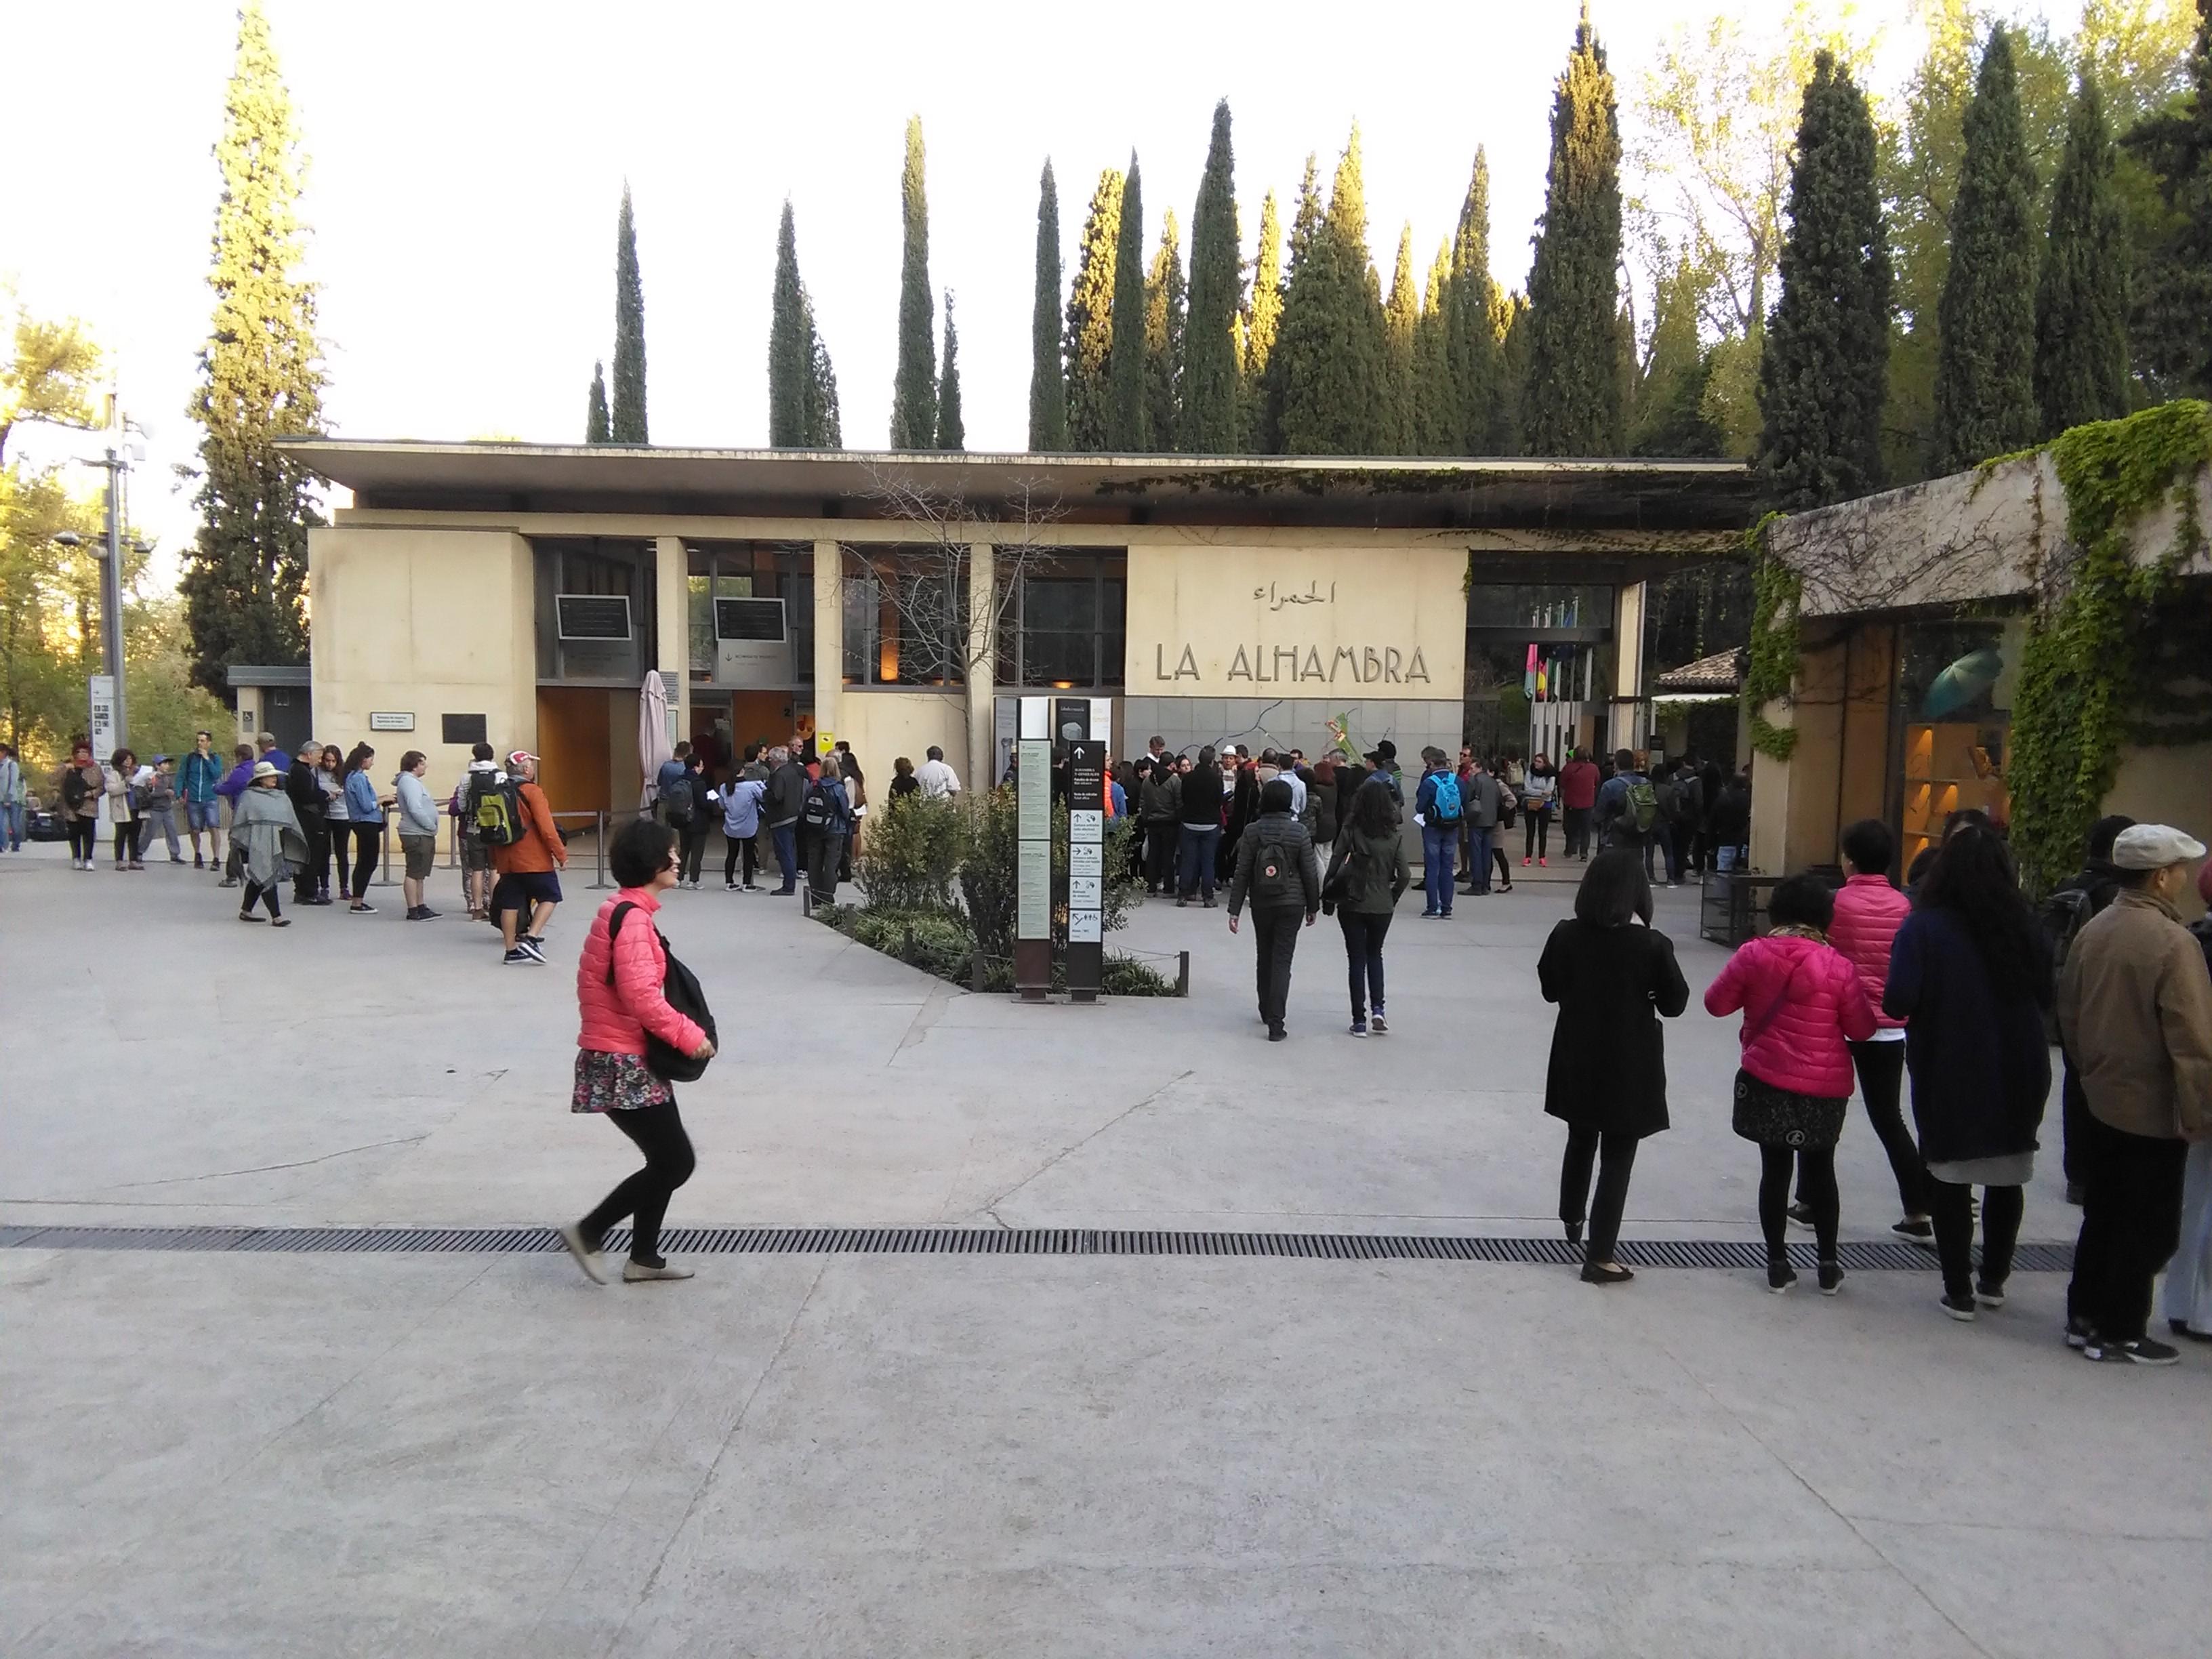 Alhambra - španělský skvost